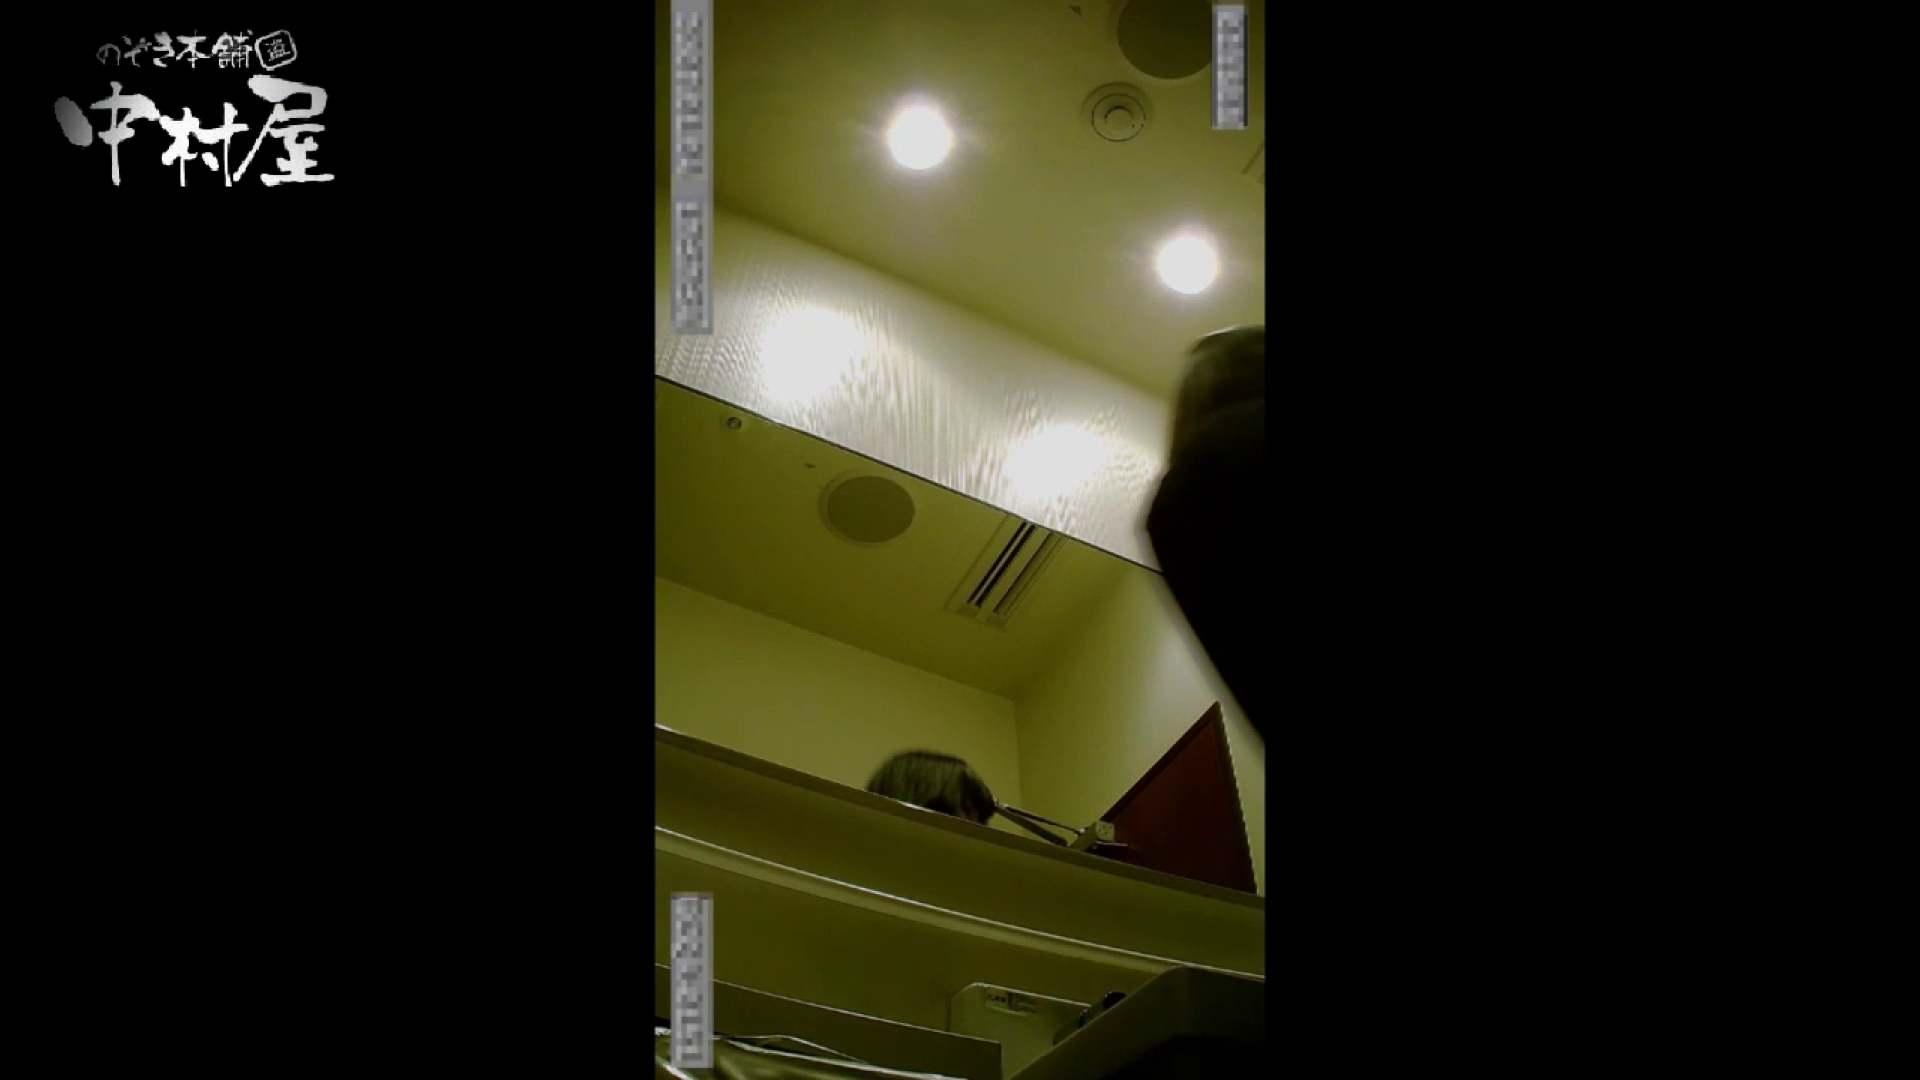 高画質トイレ盗撮vol.13 女子トイレ潜入 | 盗撮師作品  94pic 21